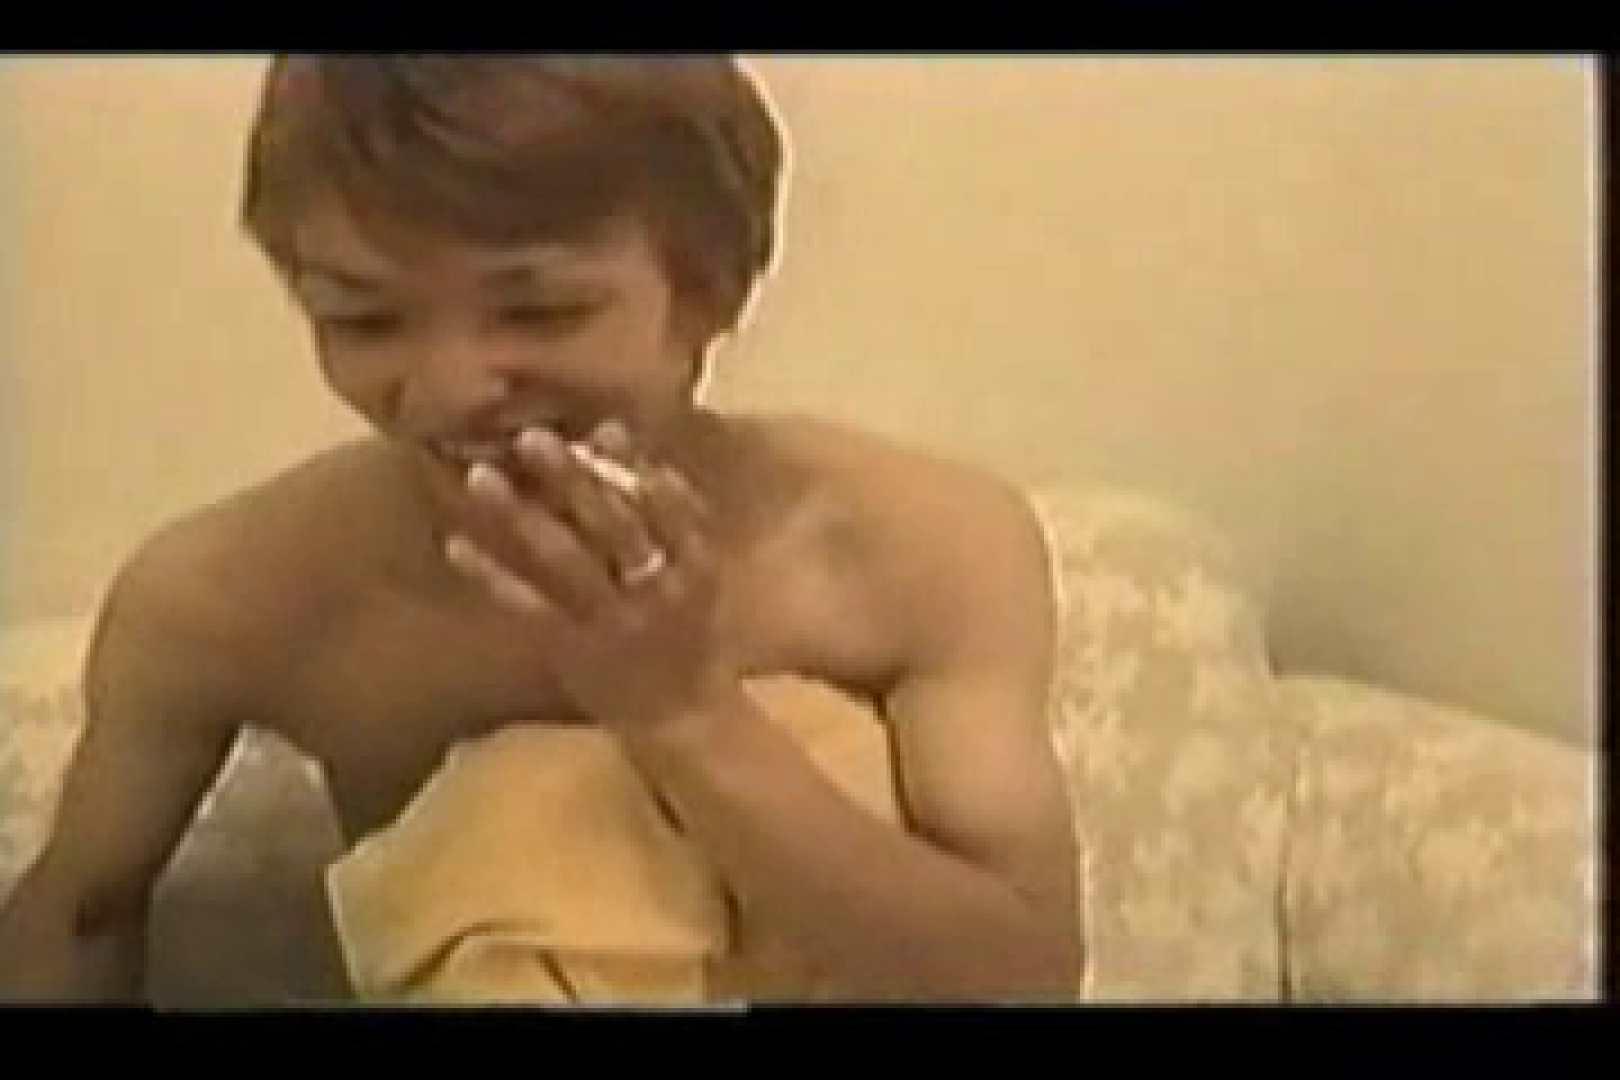 【個人買取】今週のお宝発見!往年の話題作!part.01 アナル攻撃 ゲイモロ画像 112pic 3